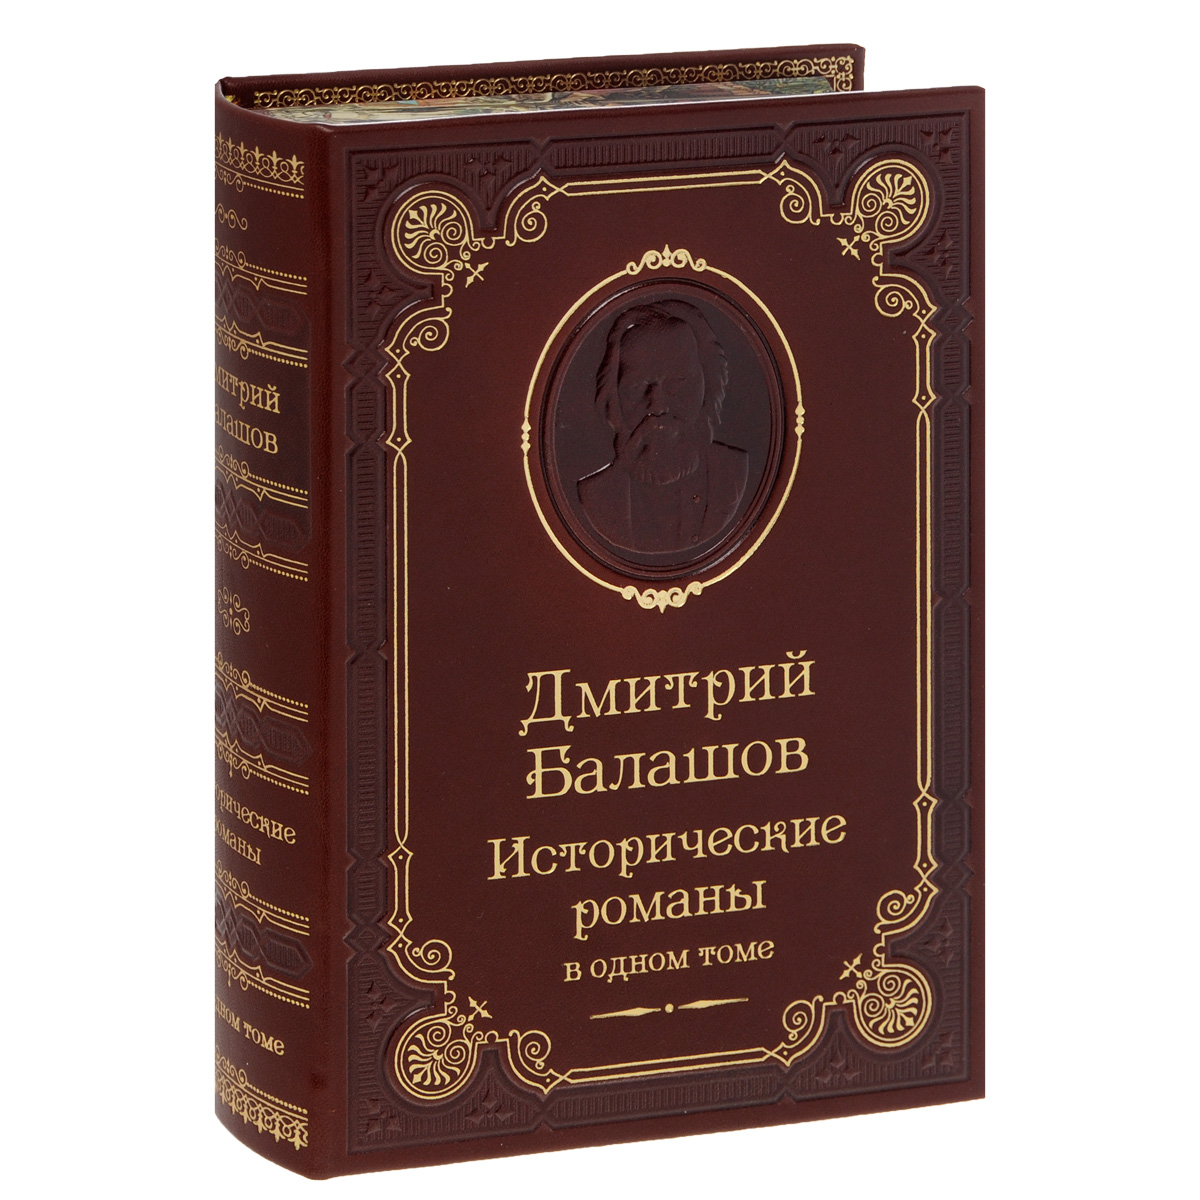 Дмитрий Балашов Дмитрий Балашов. Исторические романы (подарочное издание)